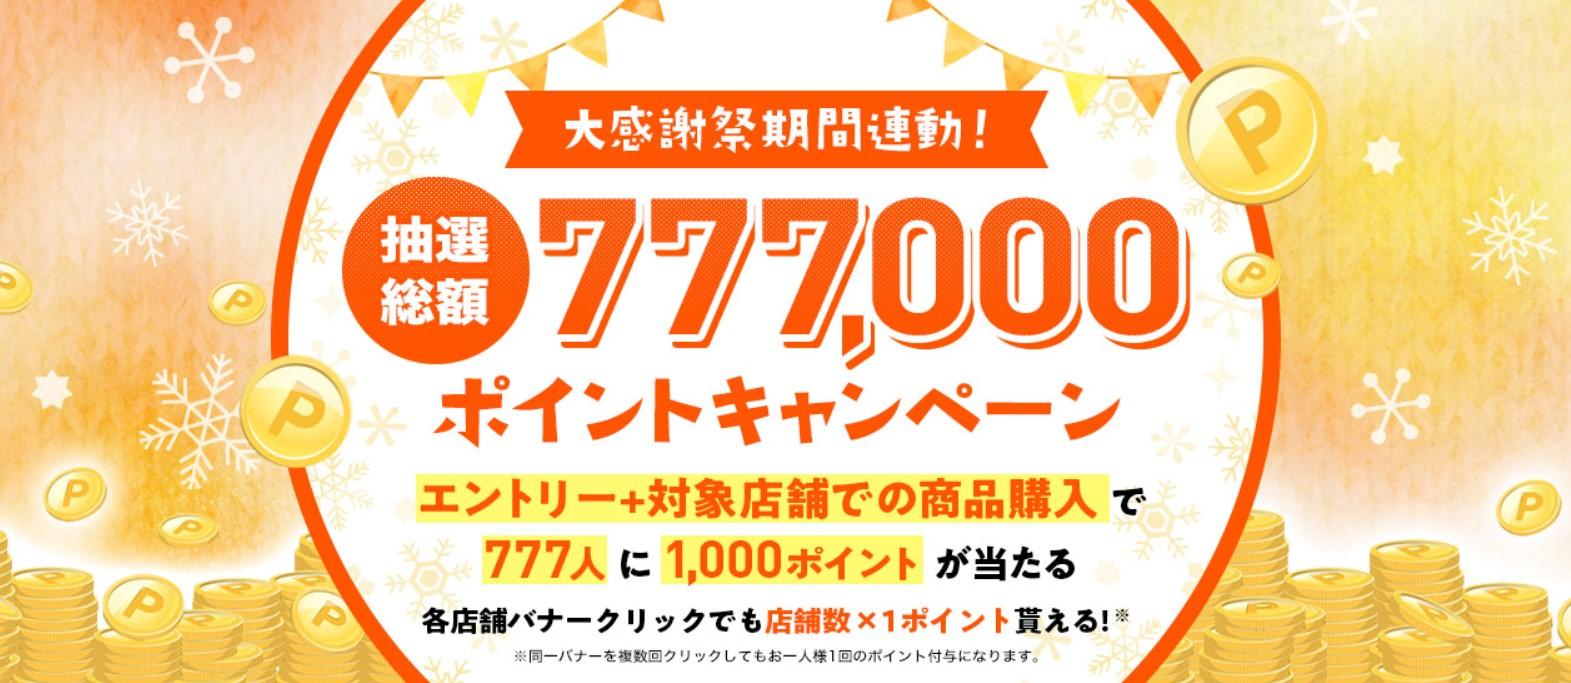 777,000ポイントキャンペーン概要